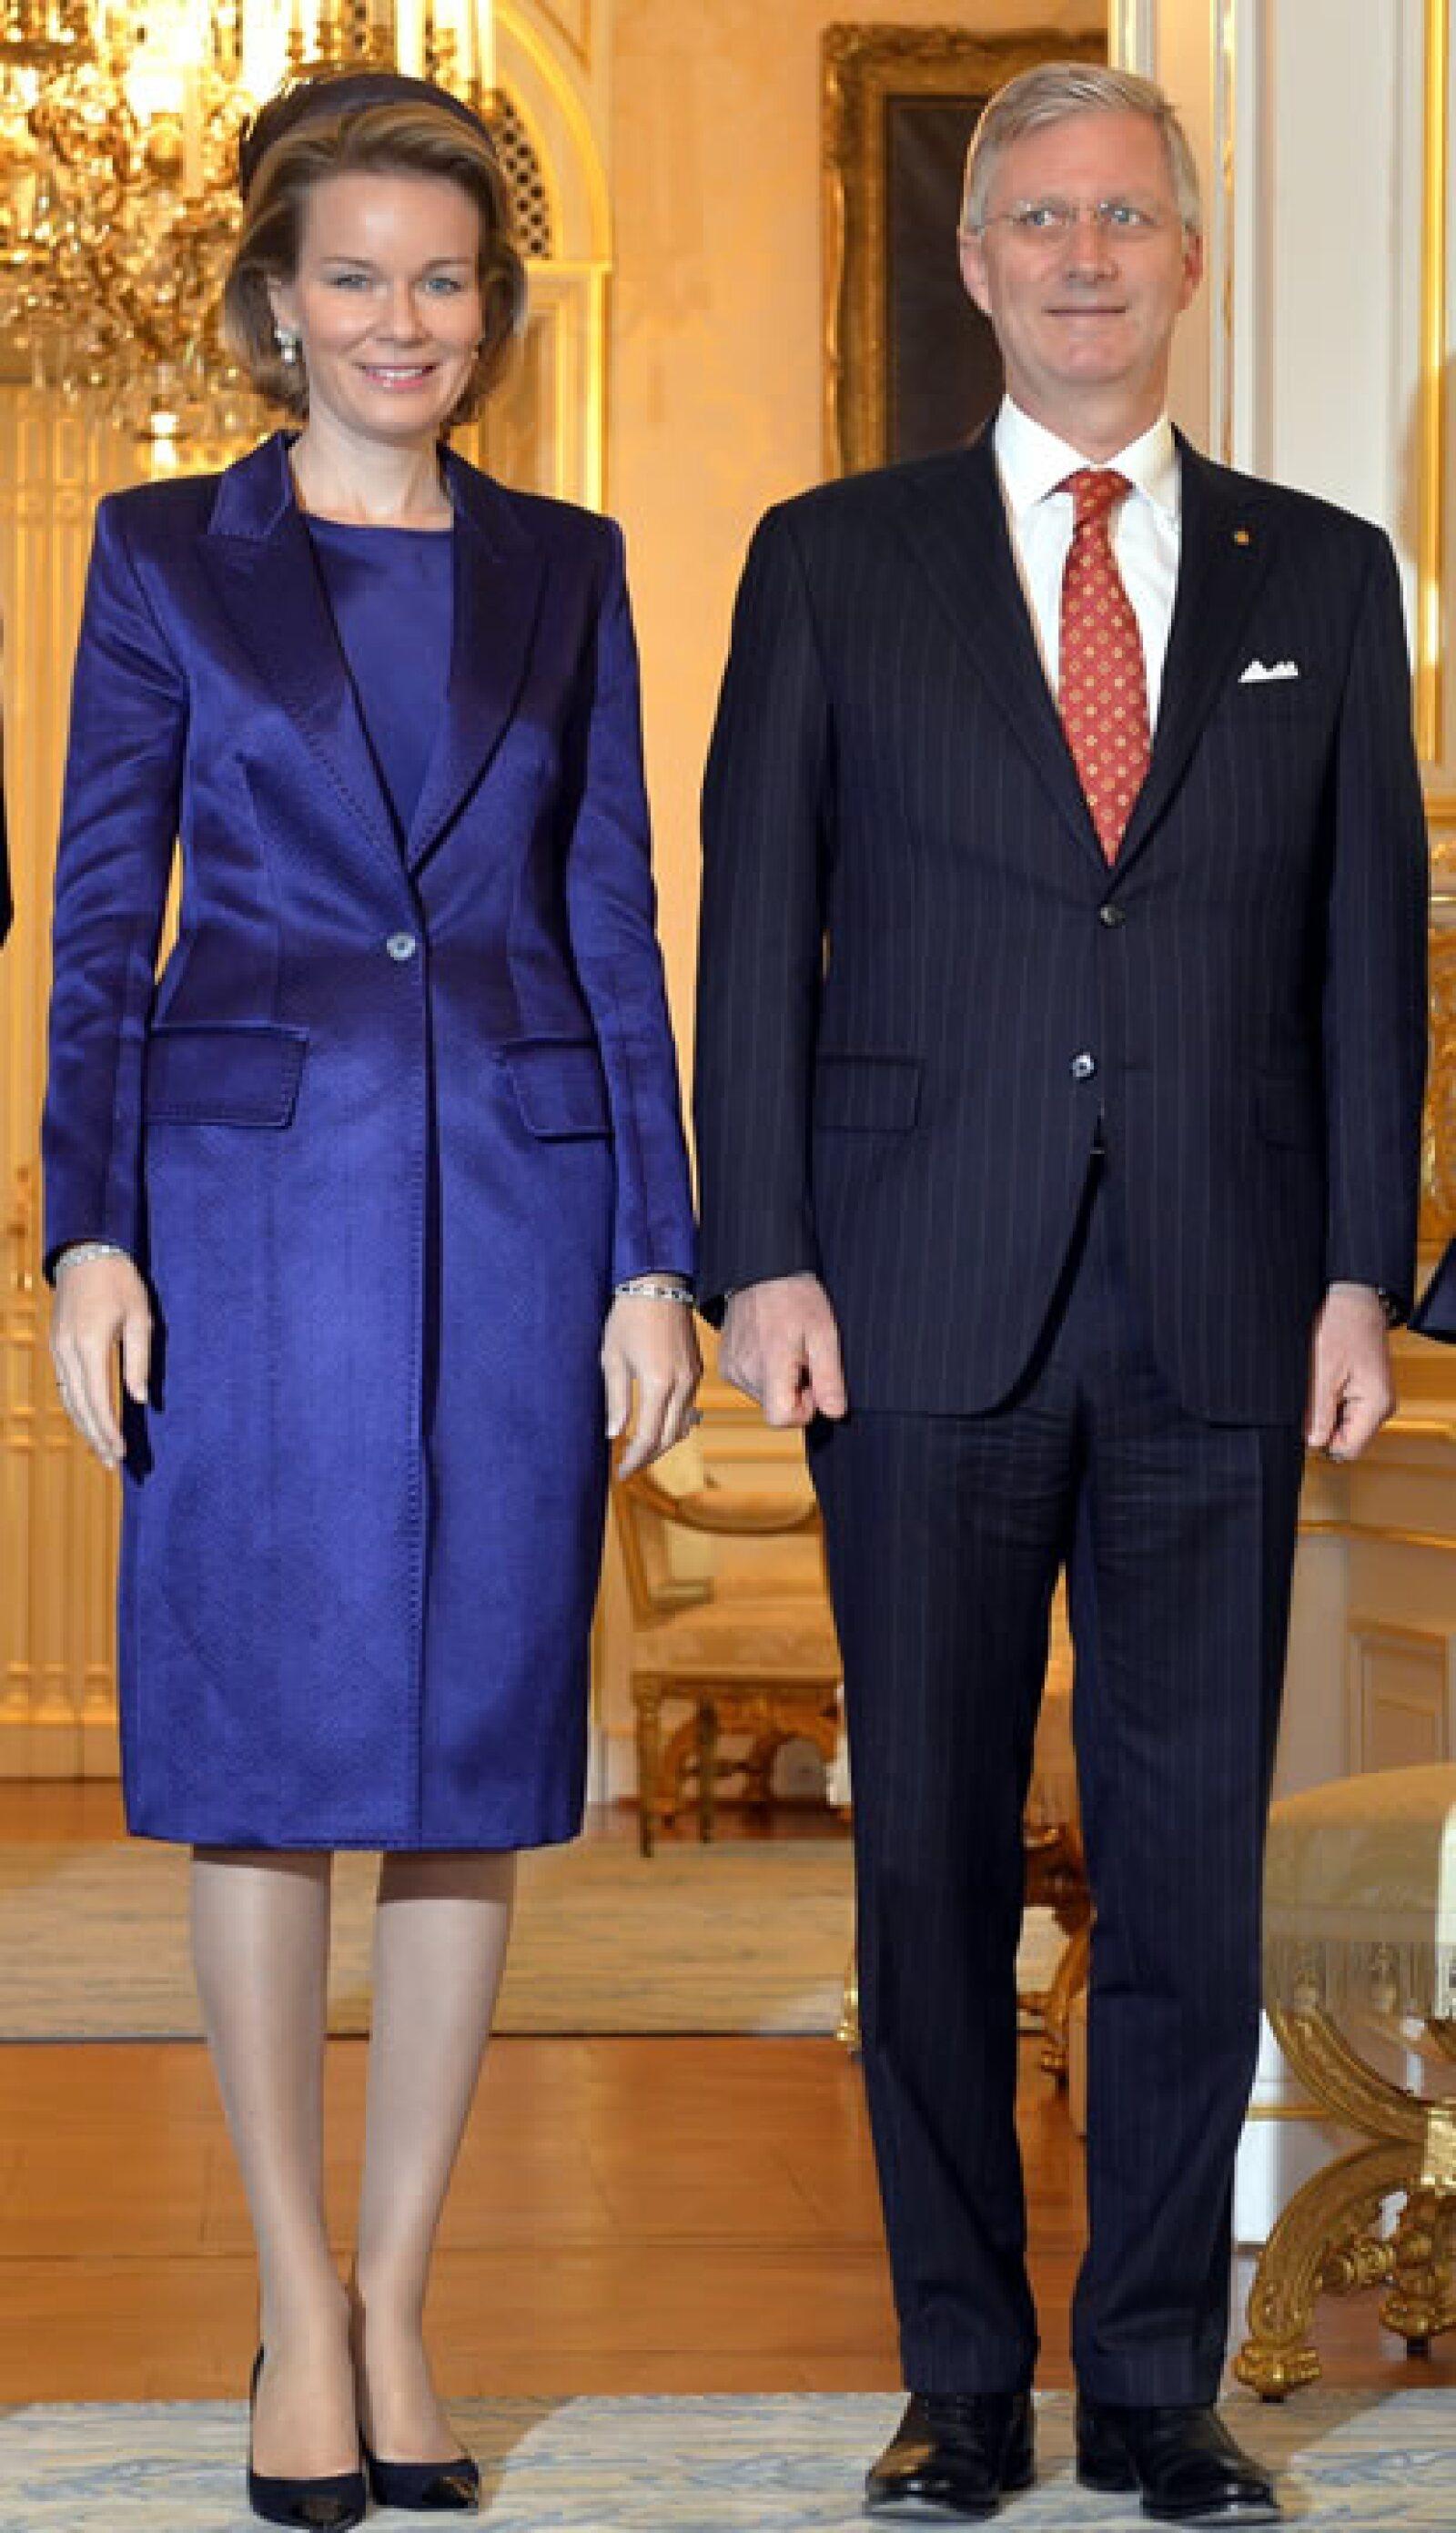 El color azul es uno de sus colores favoritos para vestir.